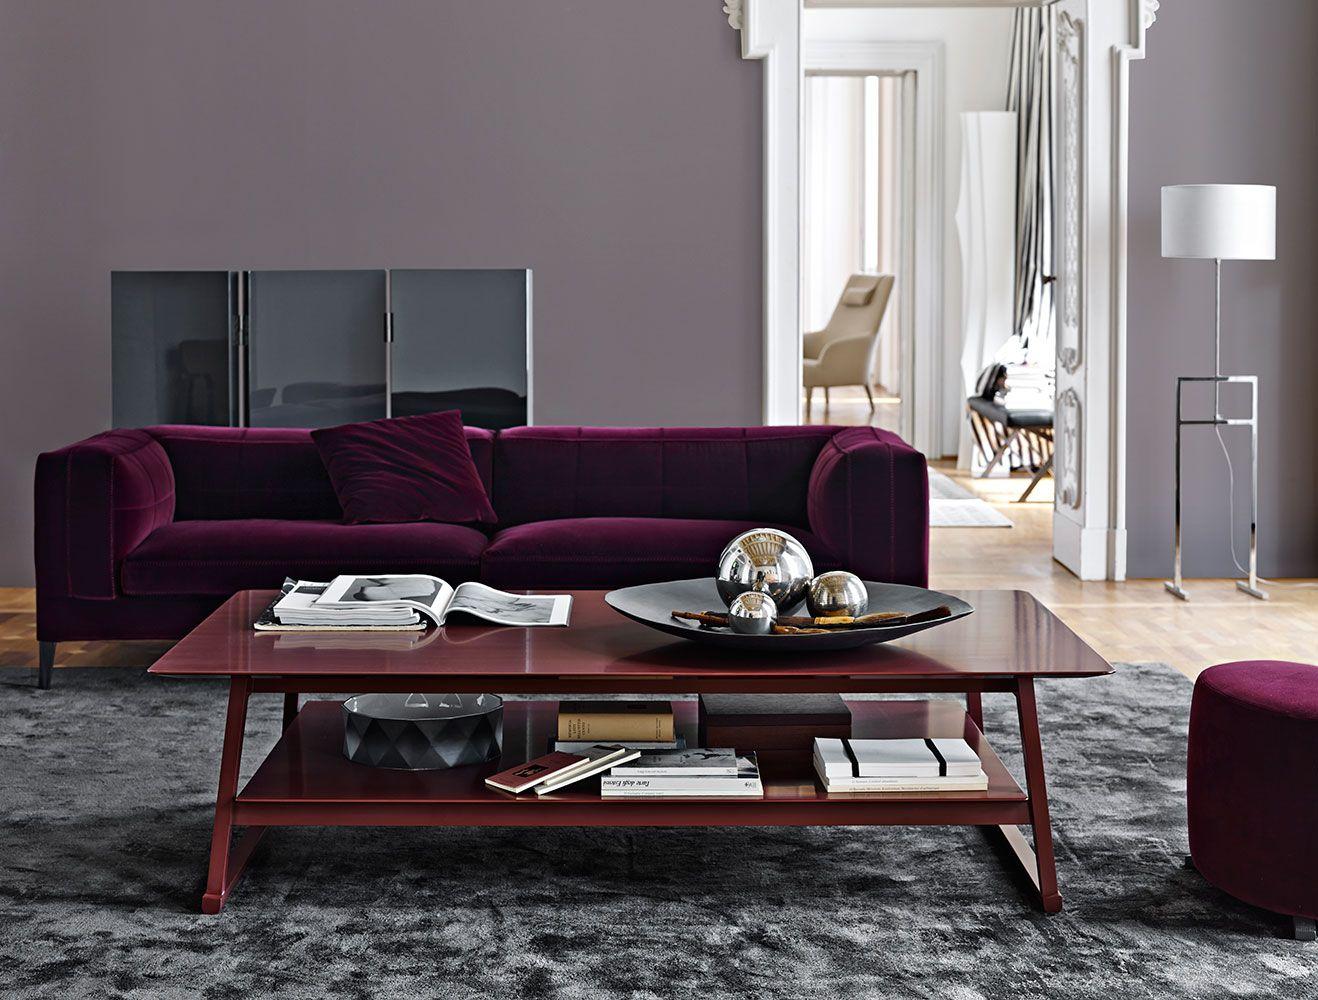 Small Table Recipio 14 Maxalto Design Of Antonio Citterio Coffee Table Contemporary Coffee Table Furniture